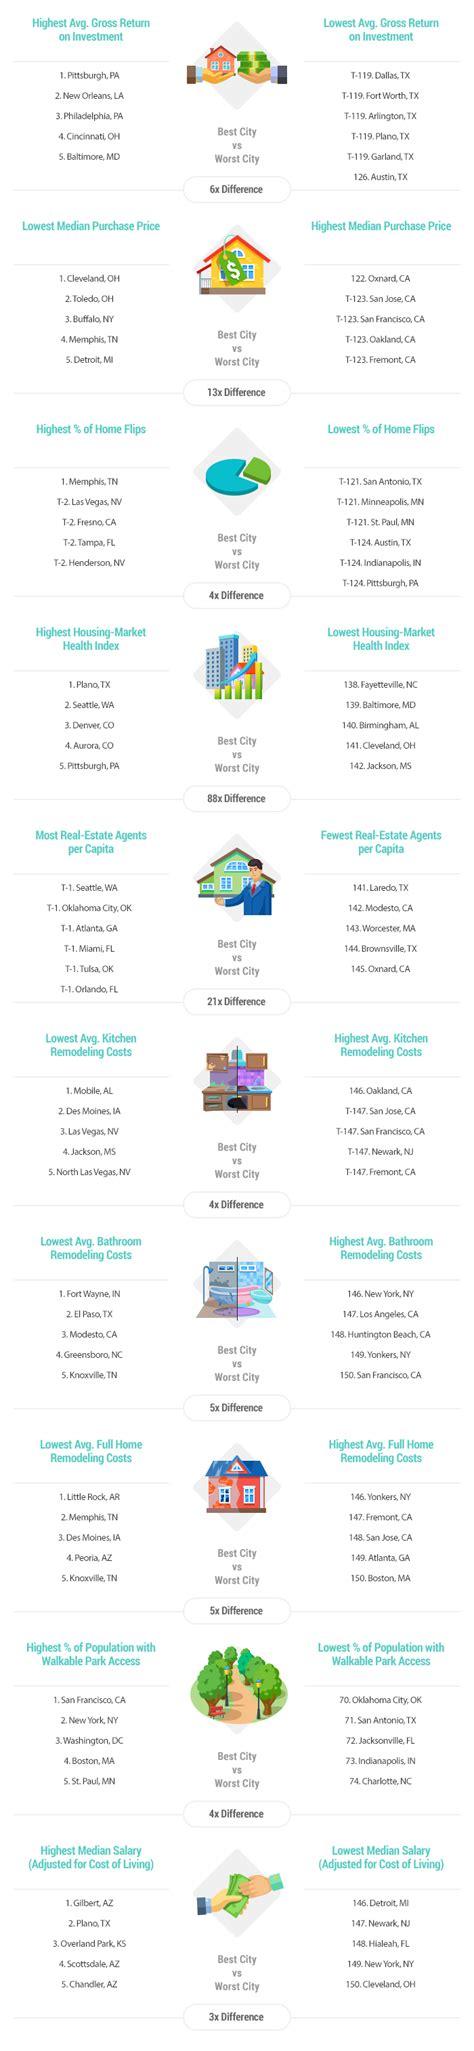 2016 s best u s cities to flip houses masetv 2016 s best cities to flip houses wallethub 174